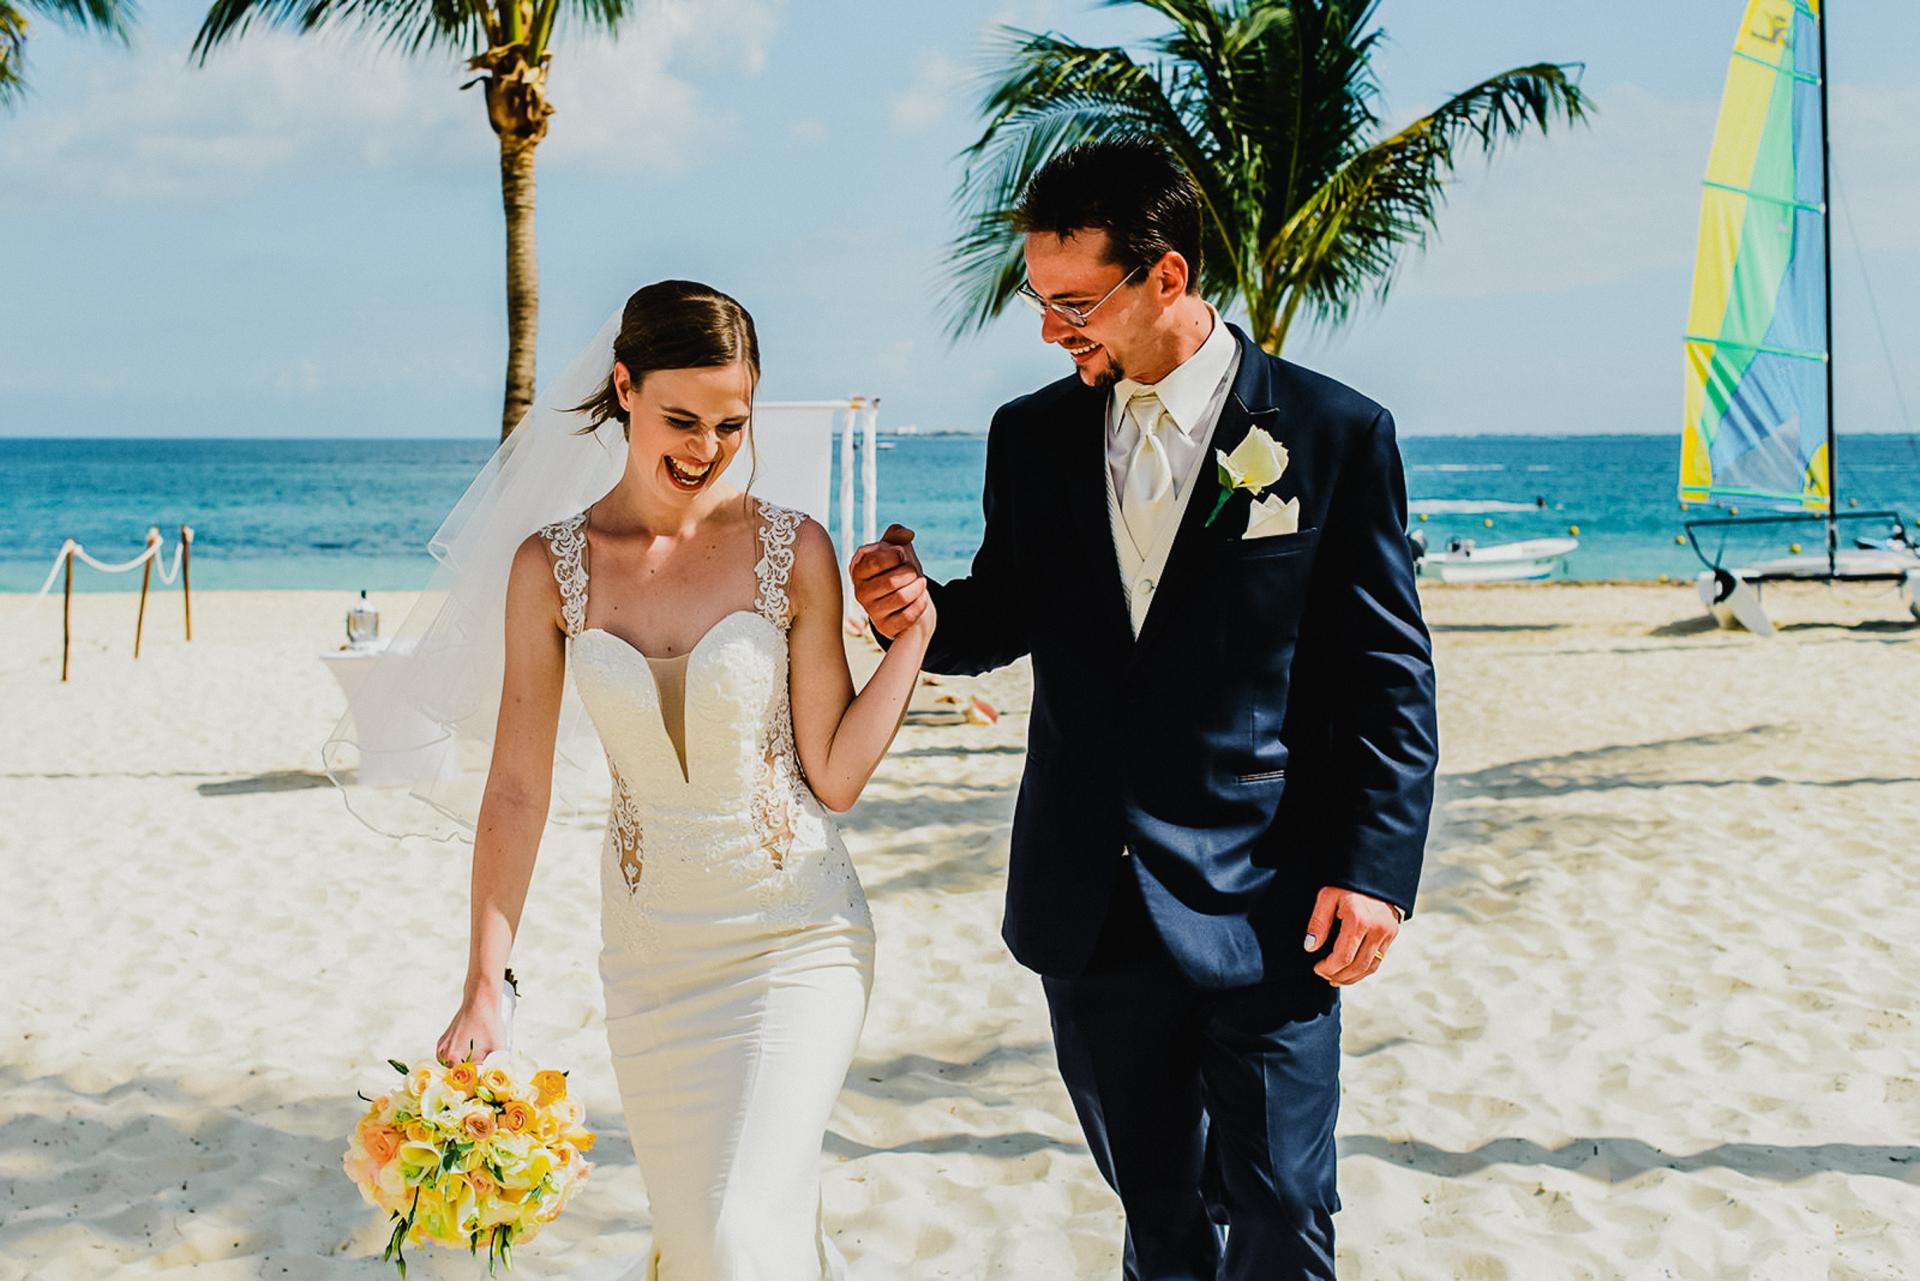 Imagem de casal do México desde a fuga da praia | O casal recém-casado aperta as mãos e compartilha uma risada